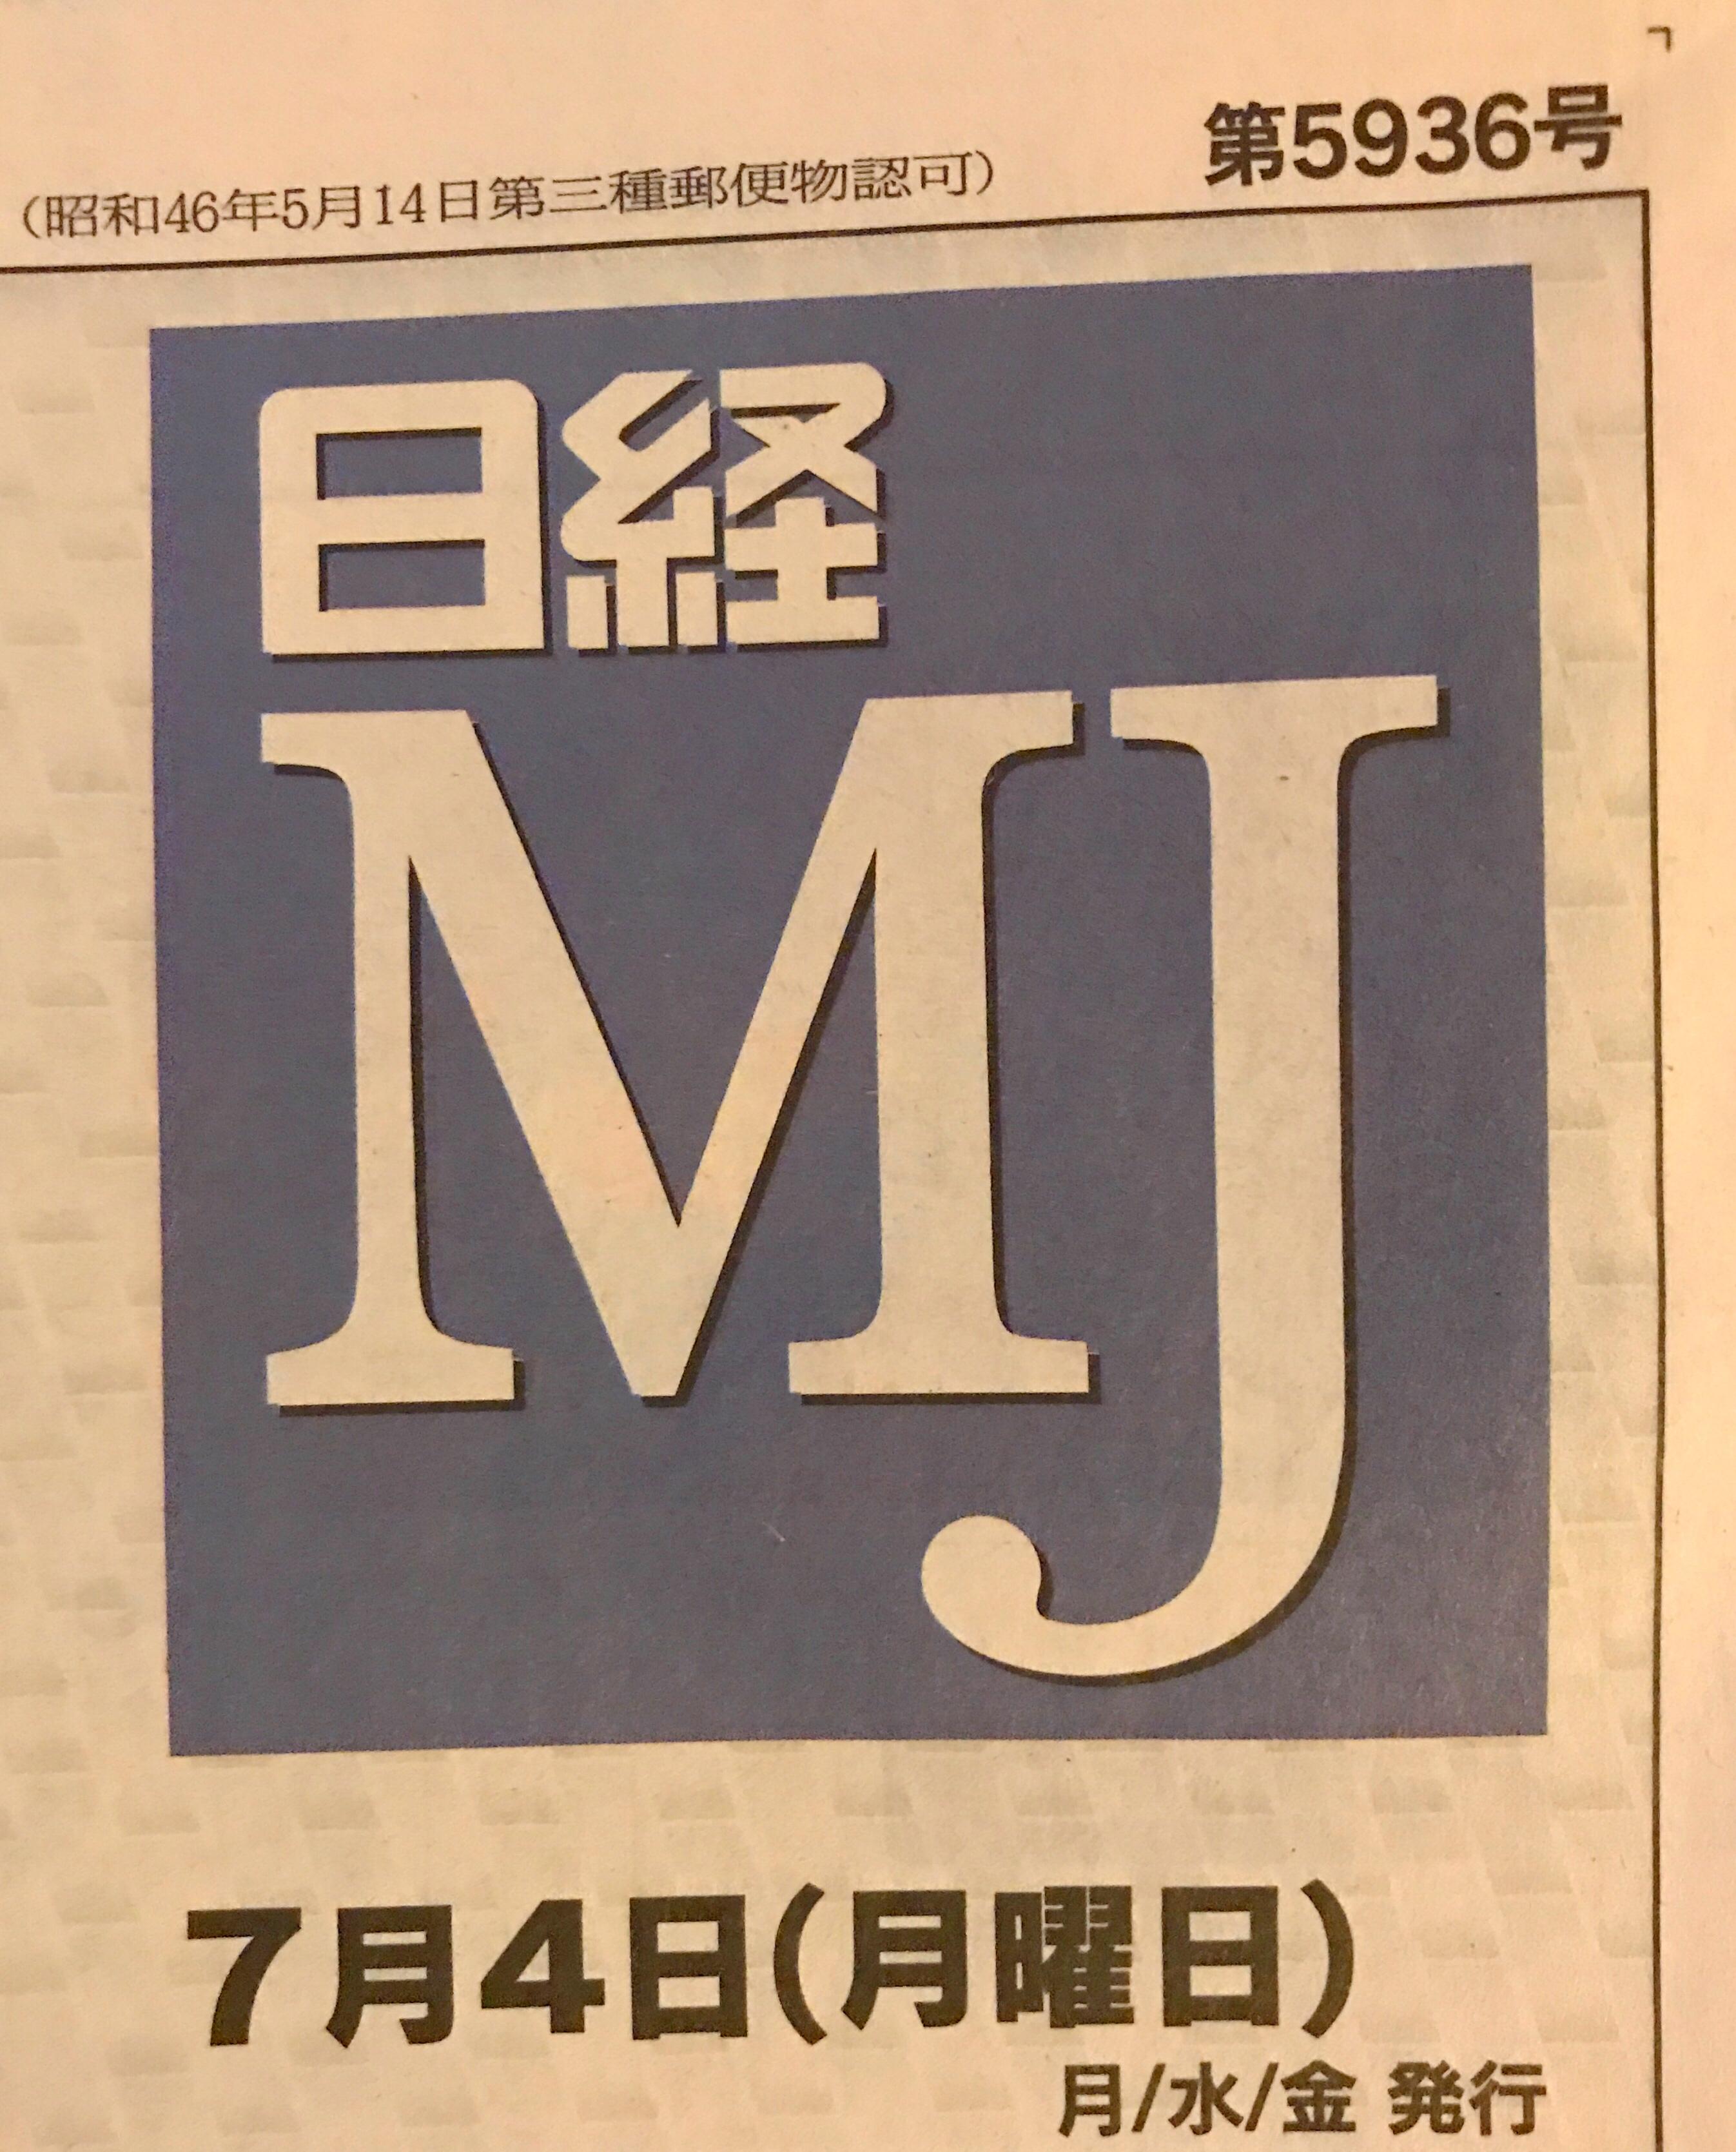 【日経MJ】 7月4日刊行